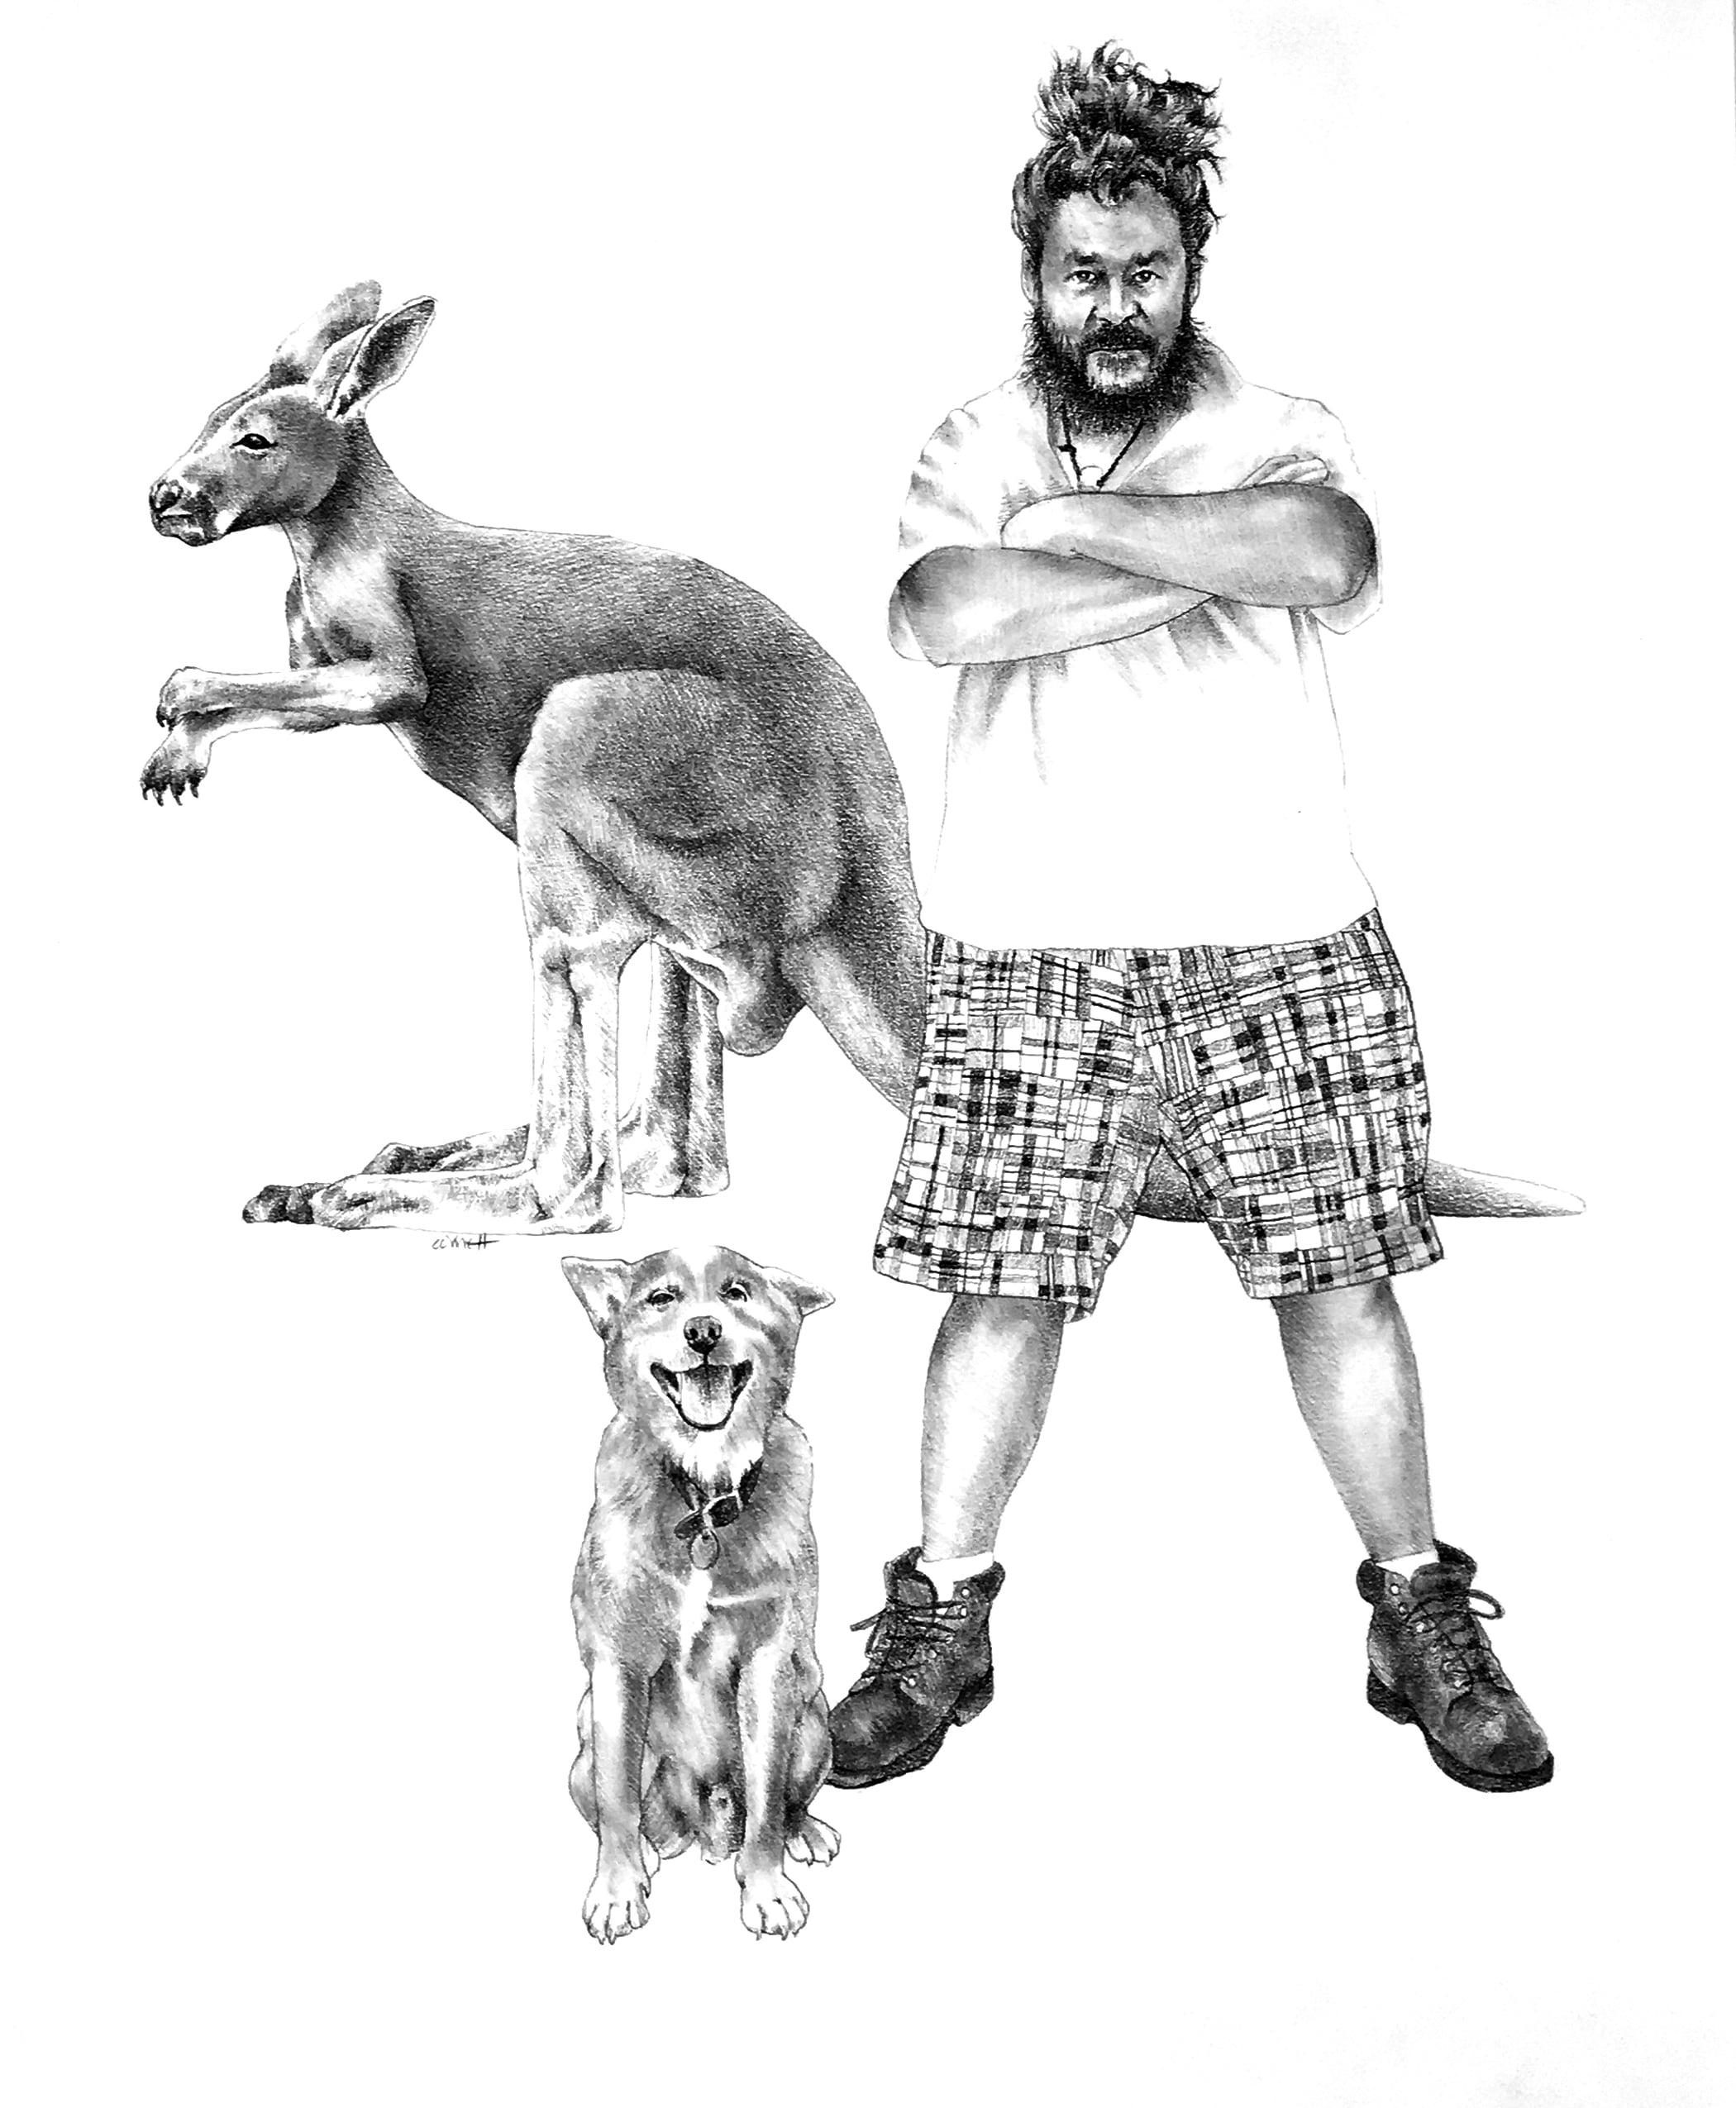 Kangaroo and Big God Nqong